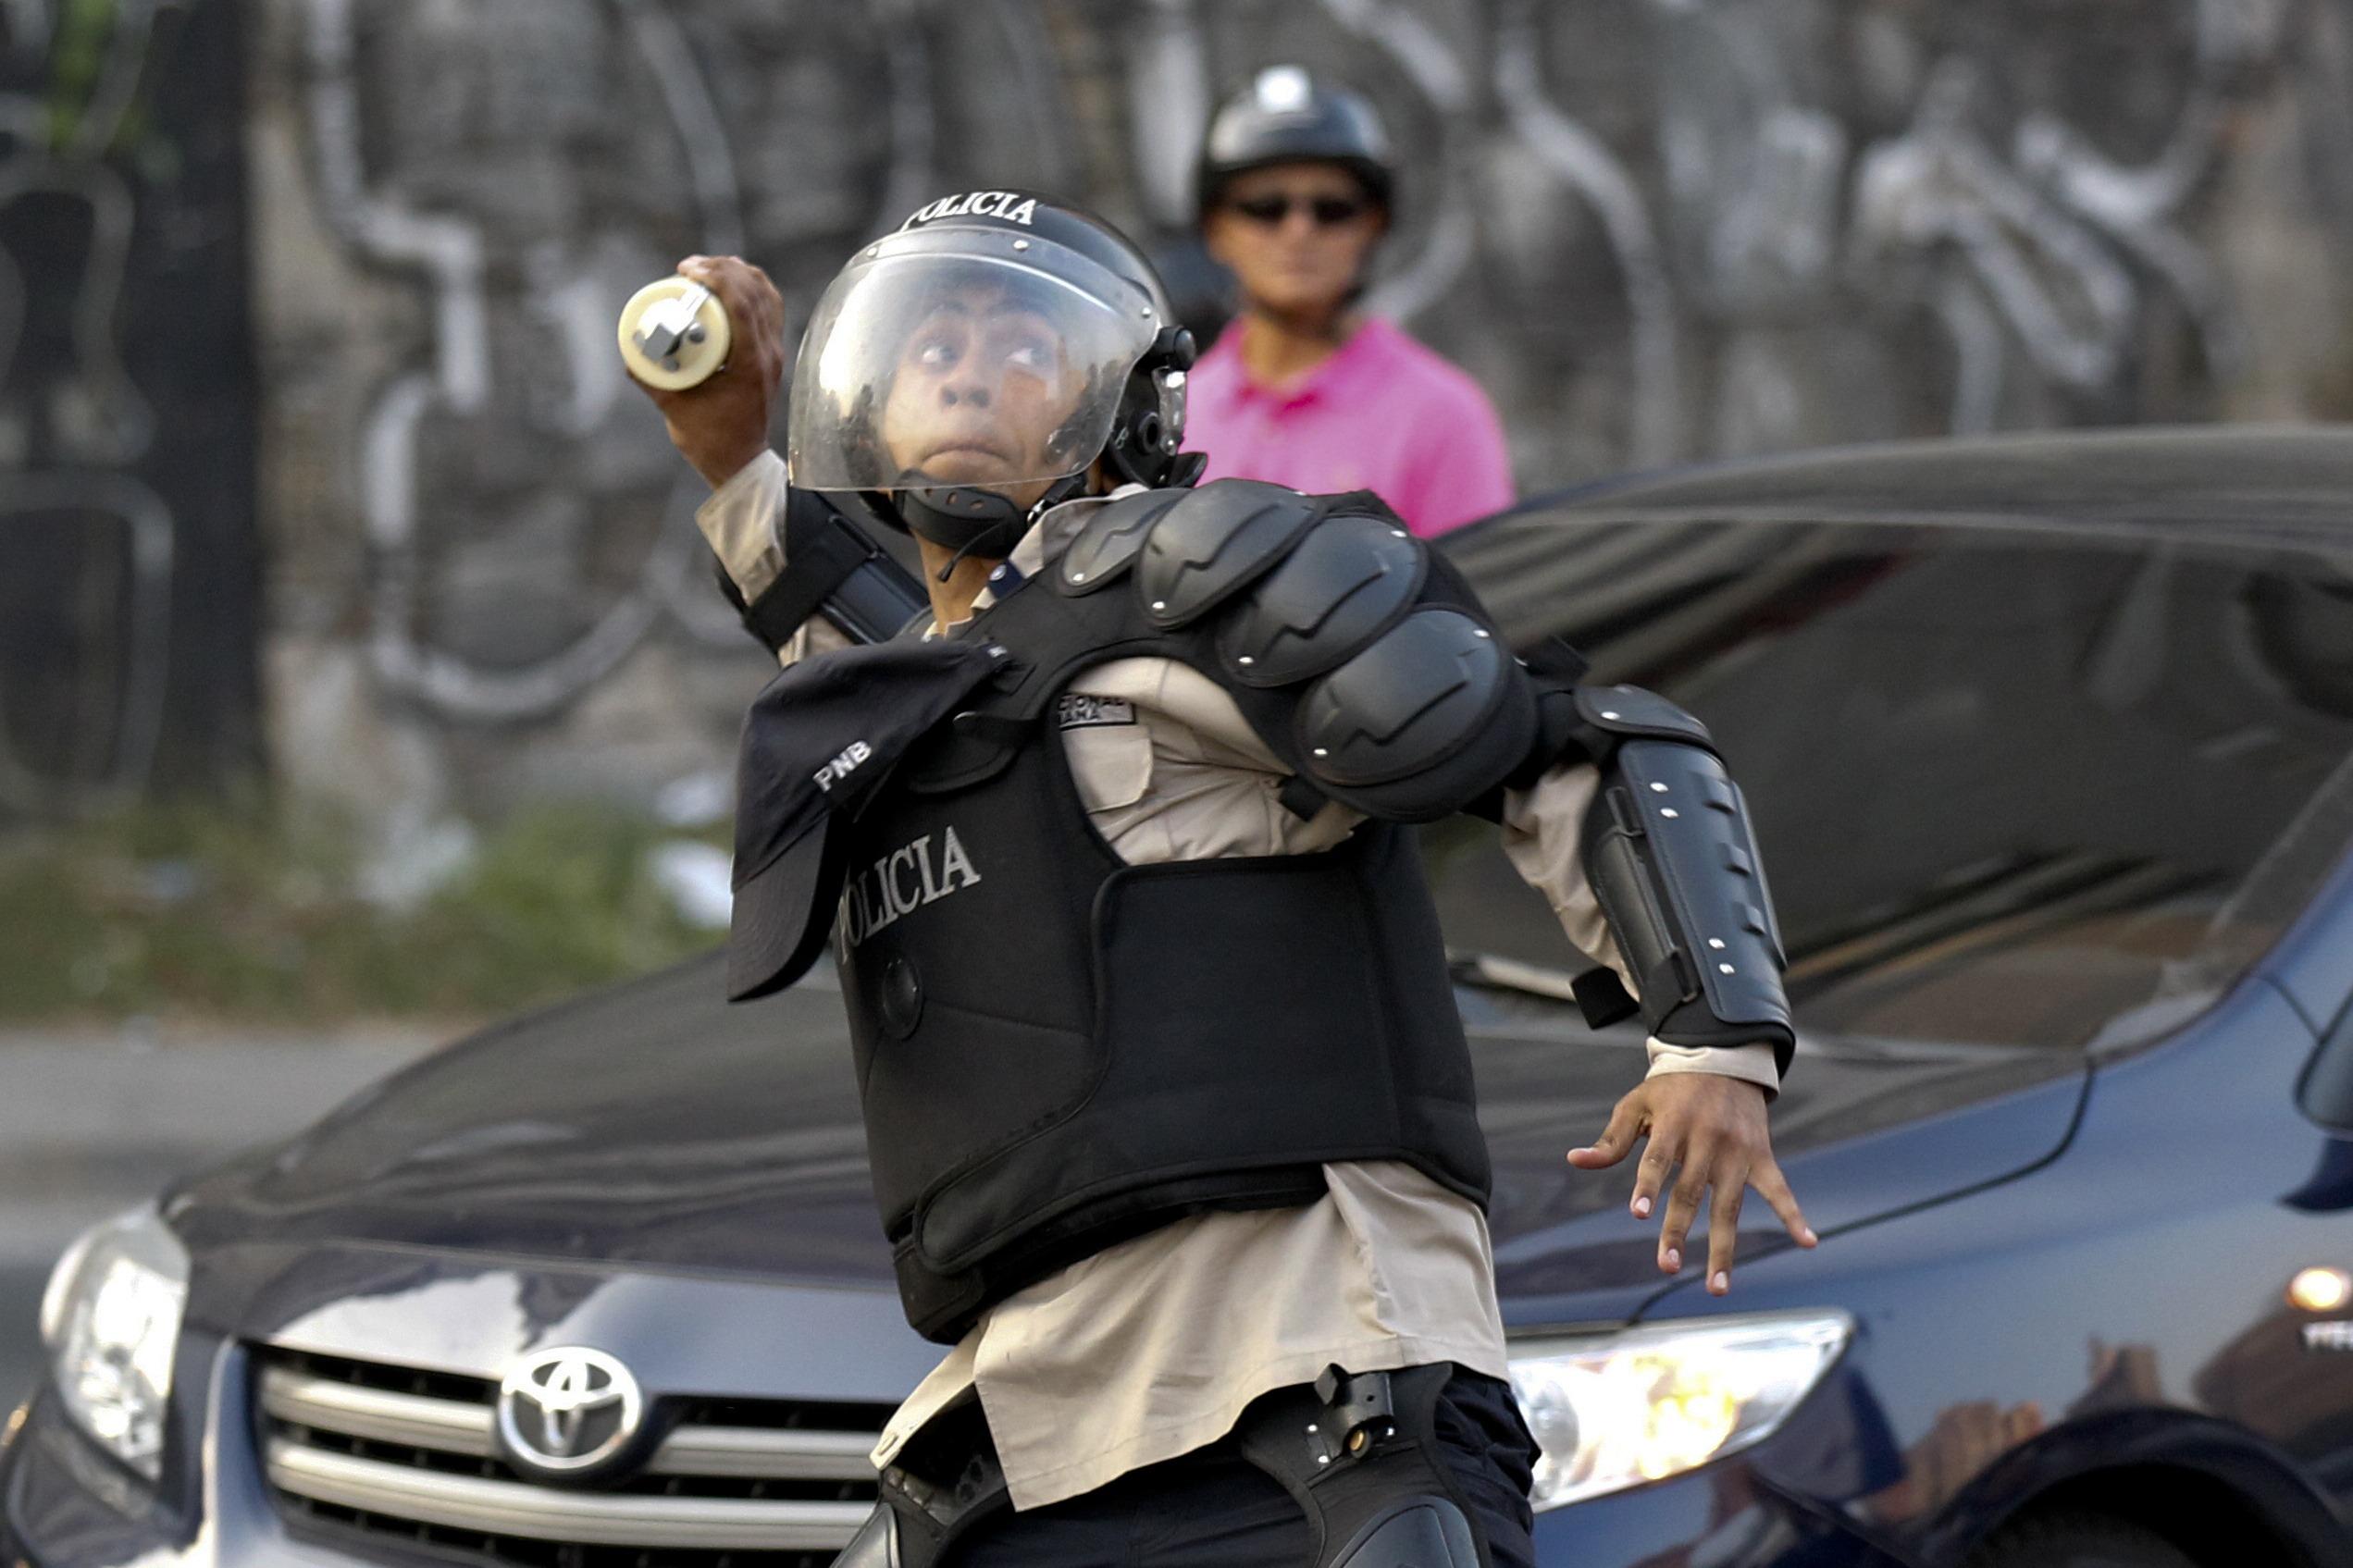 Policial venezuelano atira bombas contra manifestantes opositores ao governo de Nicolás Maduro | Christian Veron/Reuters